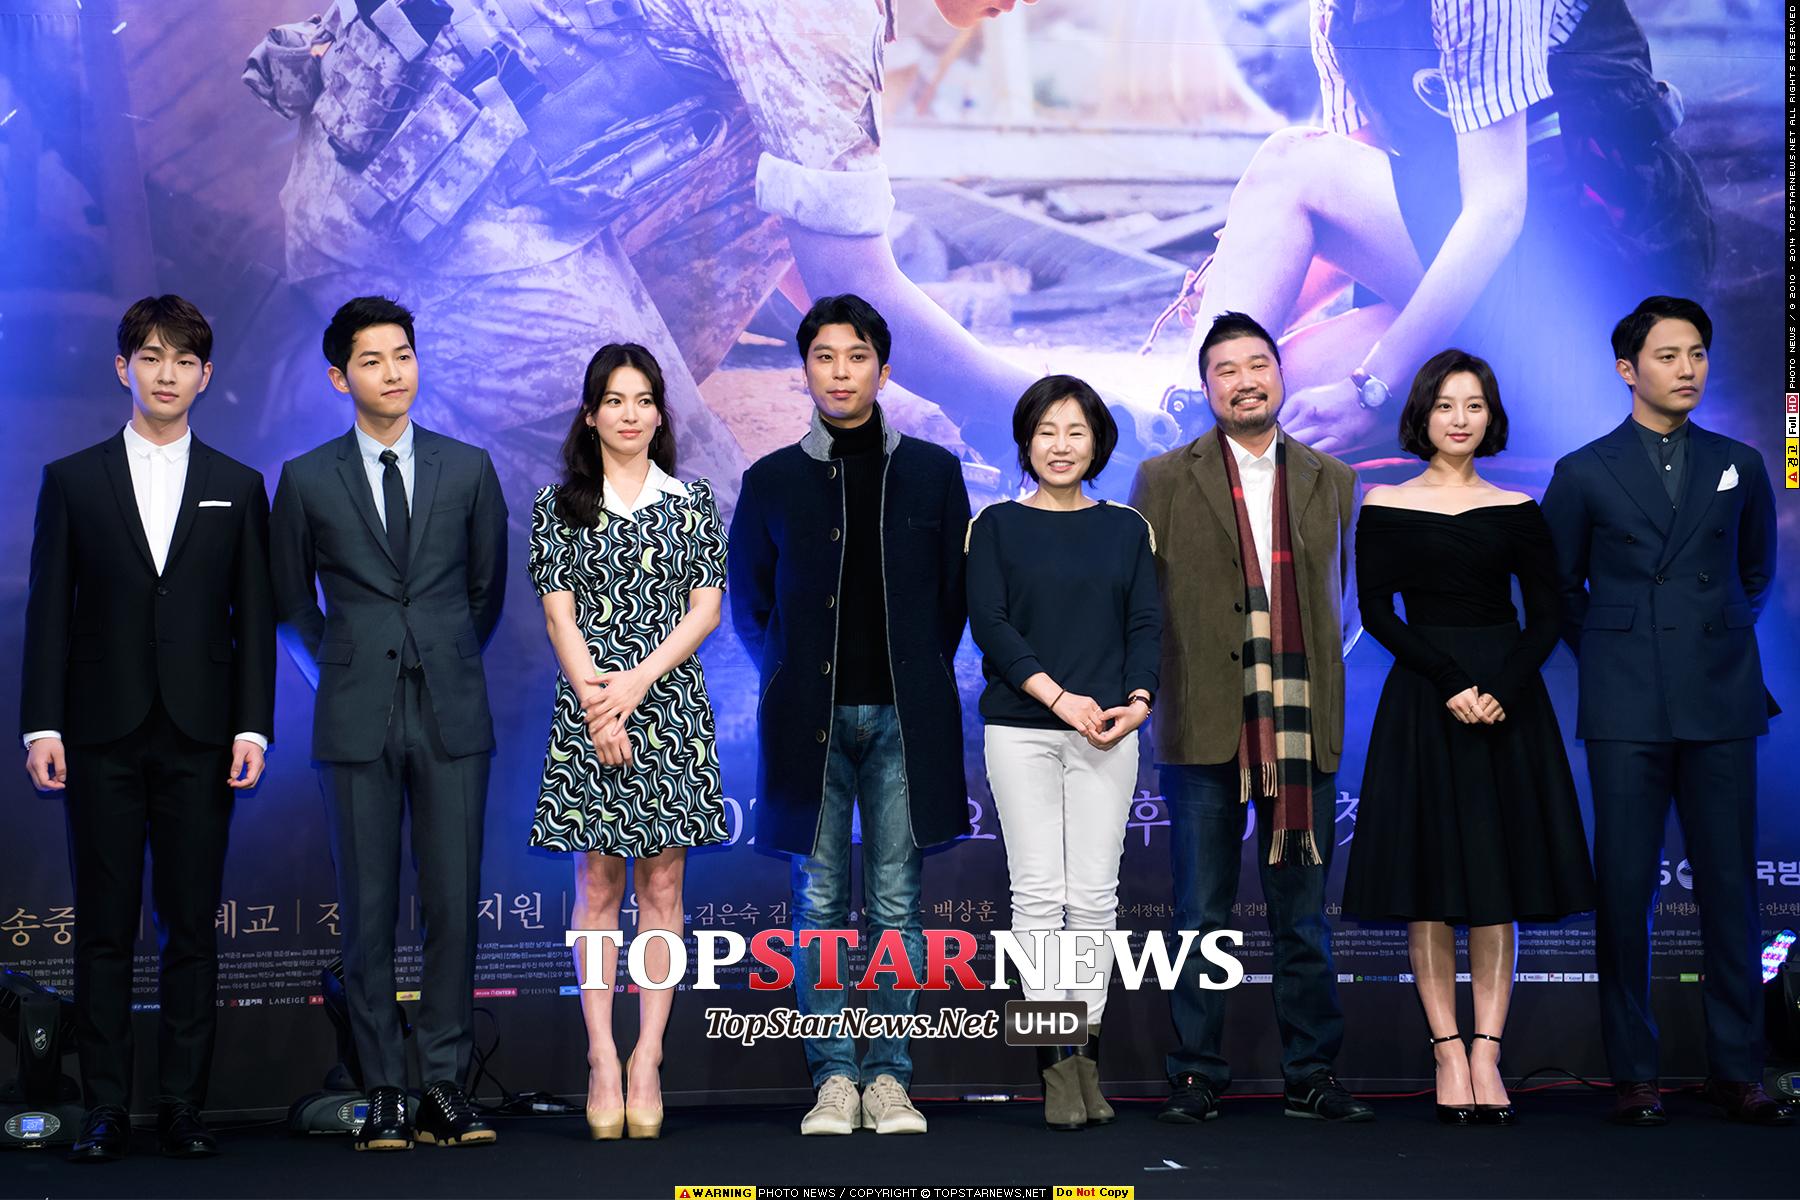 《太陽的後裔》將在今天(24日)首播,是由宋仲基、宋慧喬、金智媛、晉久及溫流等人主演。